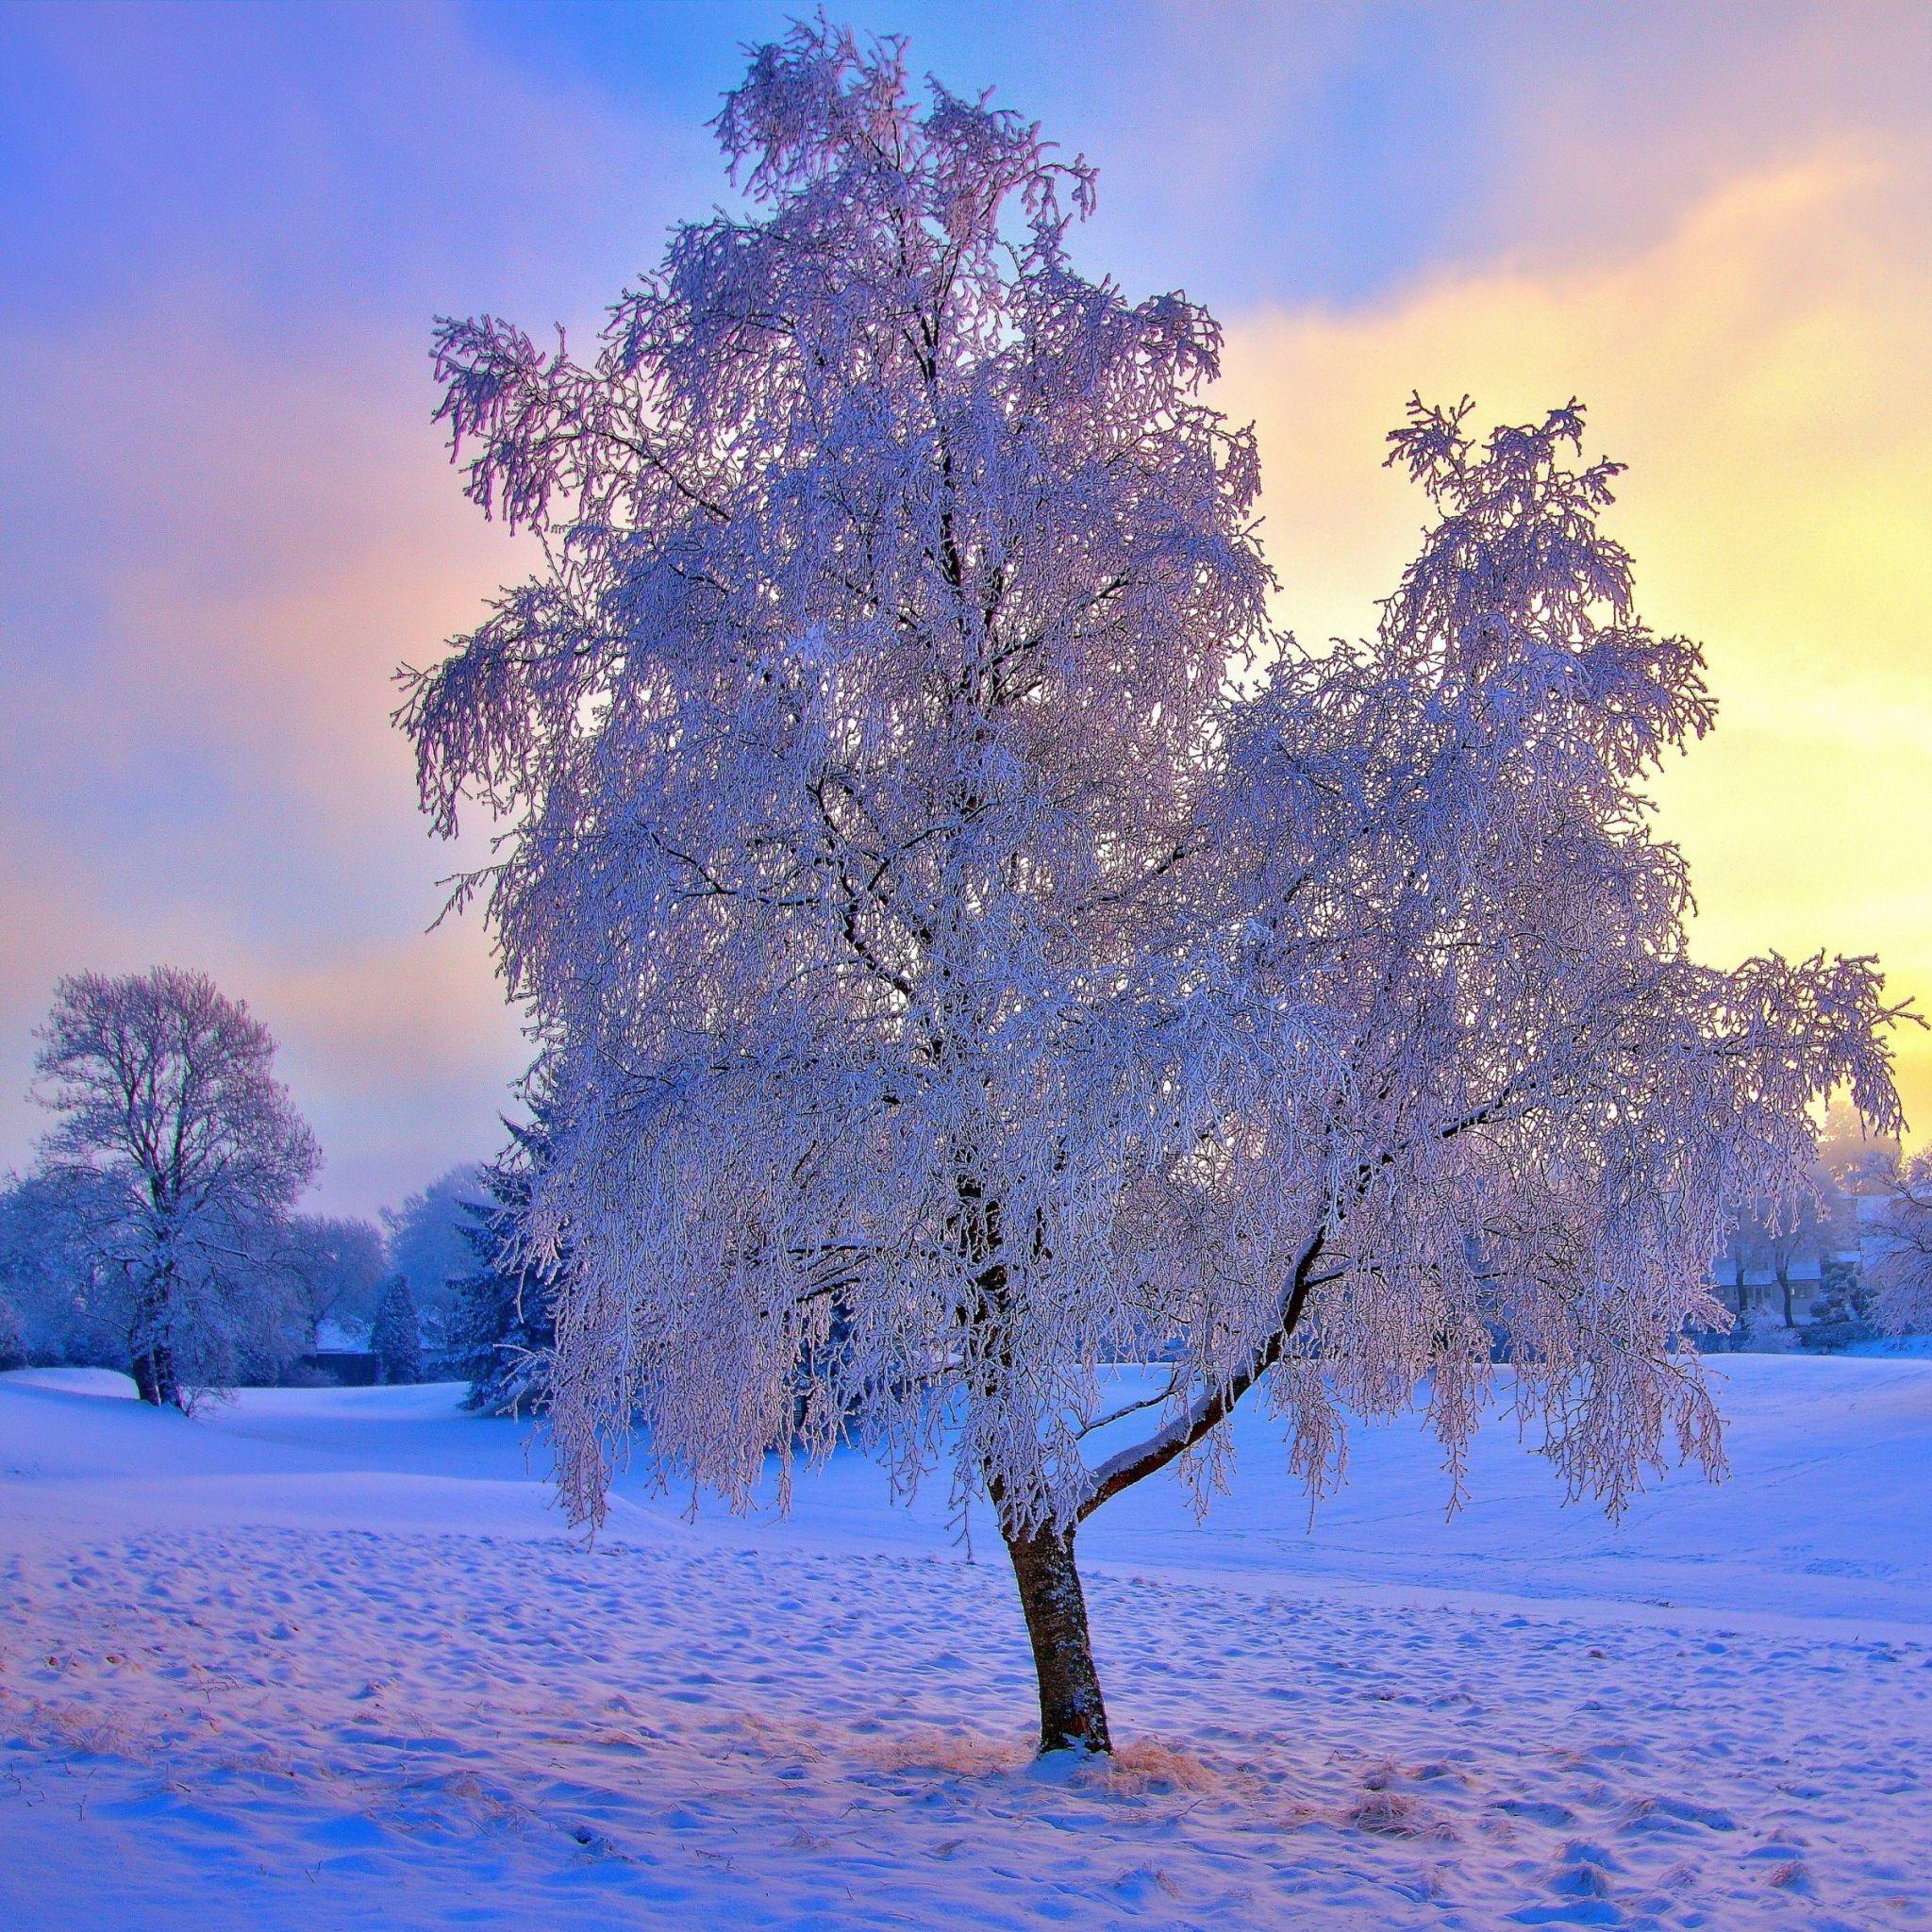 Top Wallpaper Mac Winter - fbf2339d477d3ecf4b7204989f2f9273  Perfect Image Reference_30784.jpg